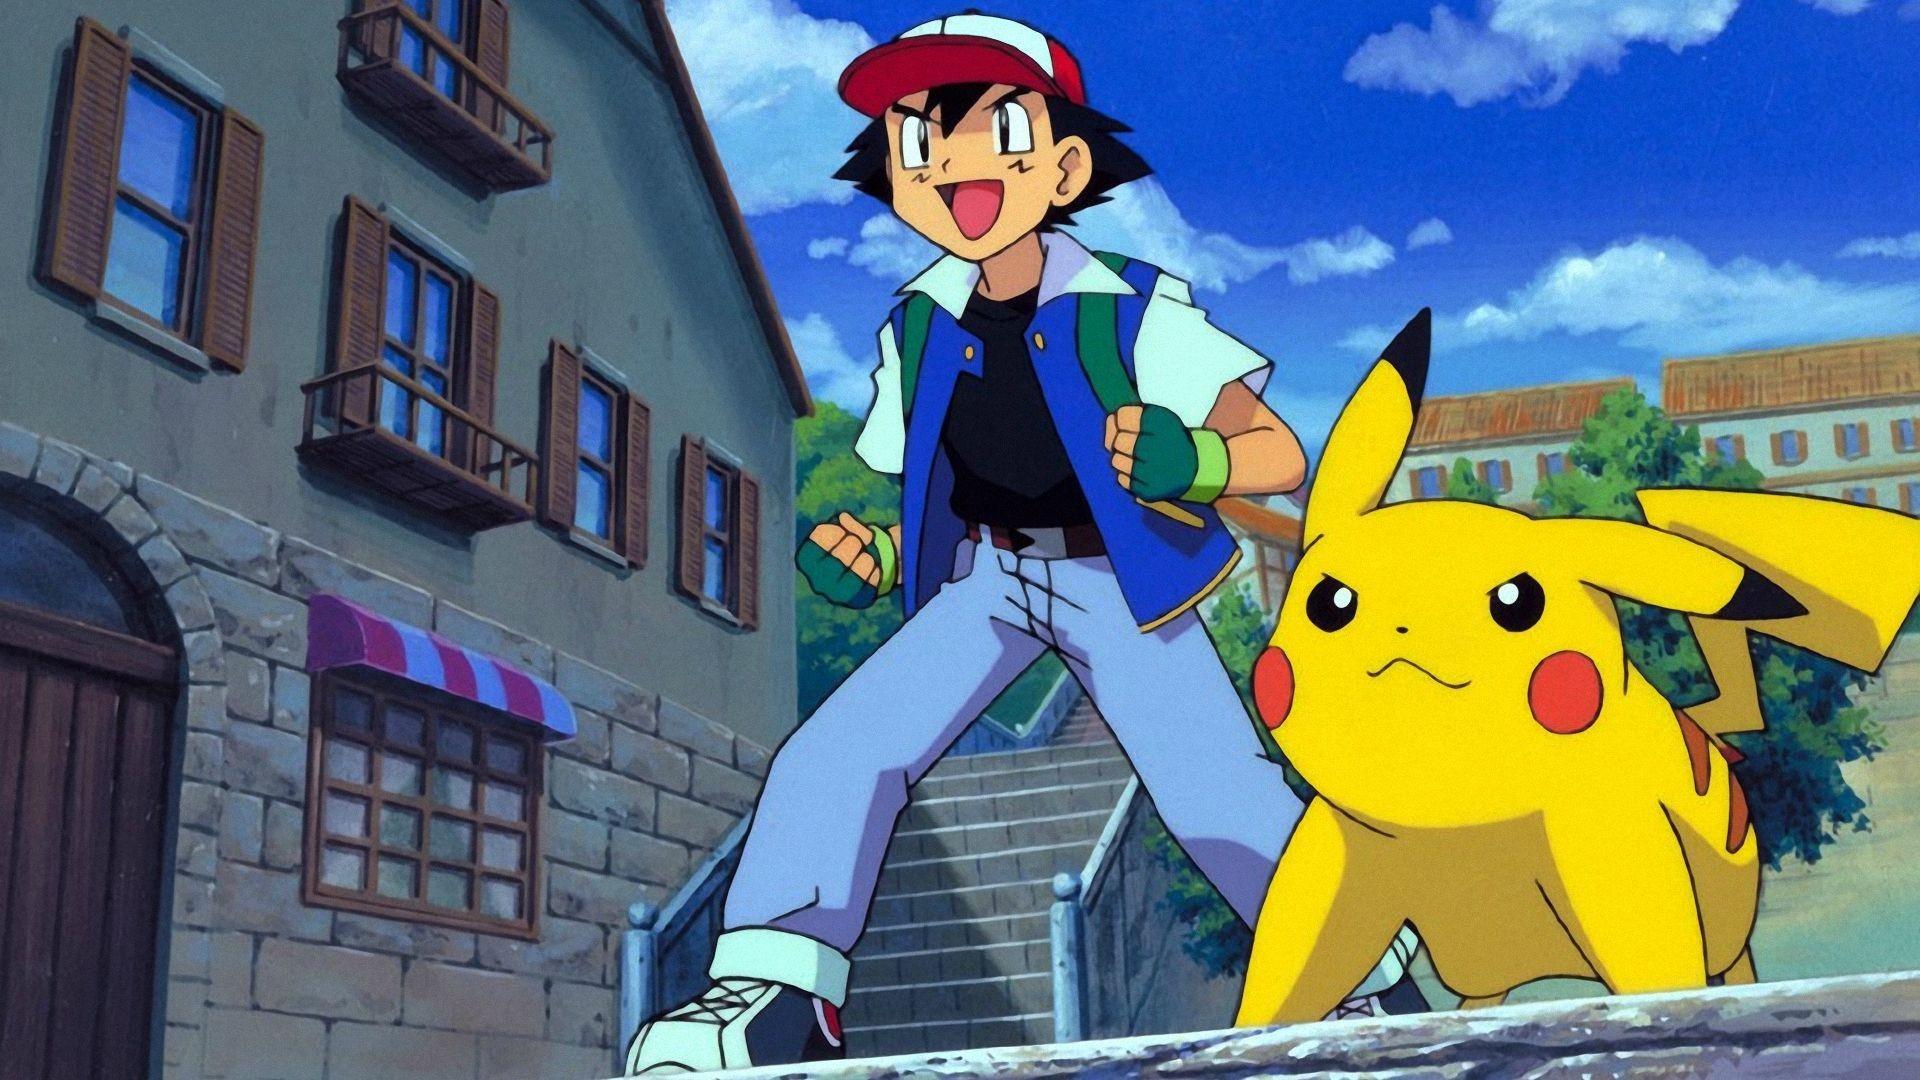 Pokémon Go is getting PvP